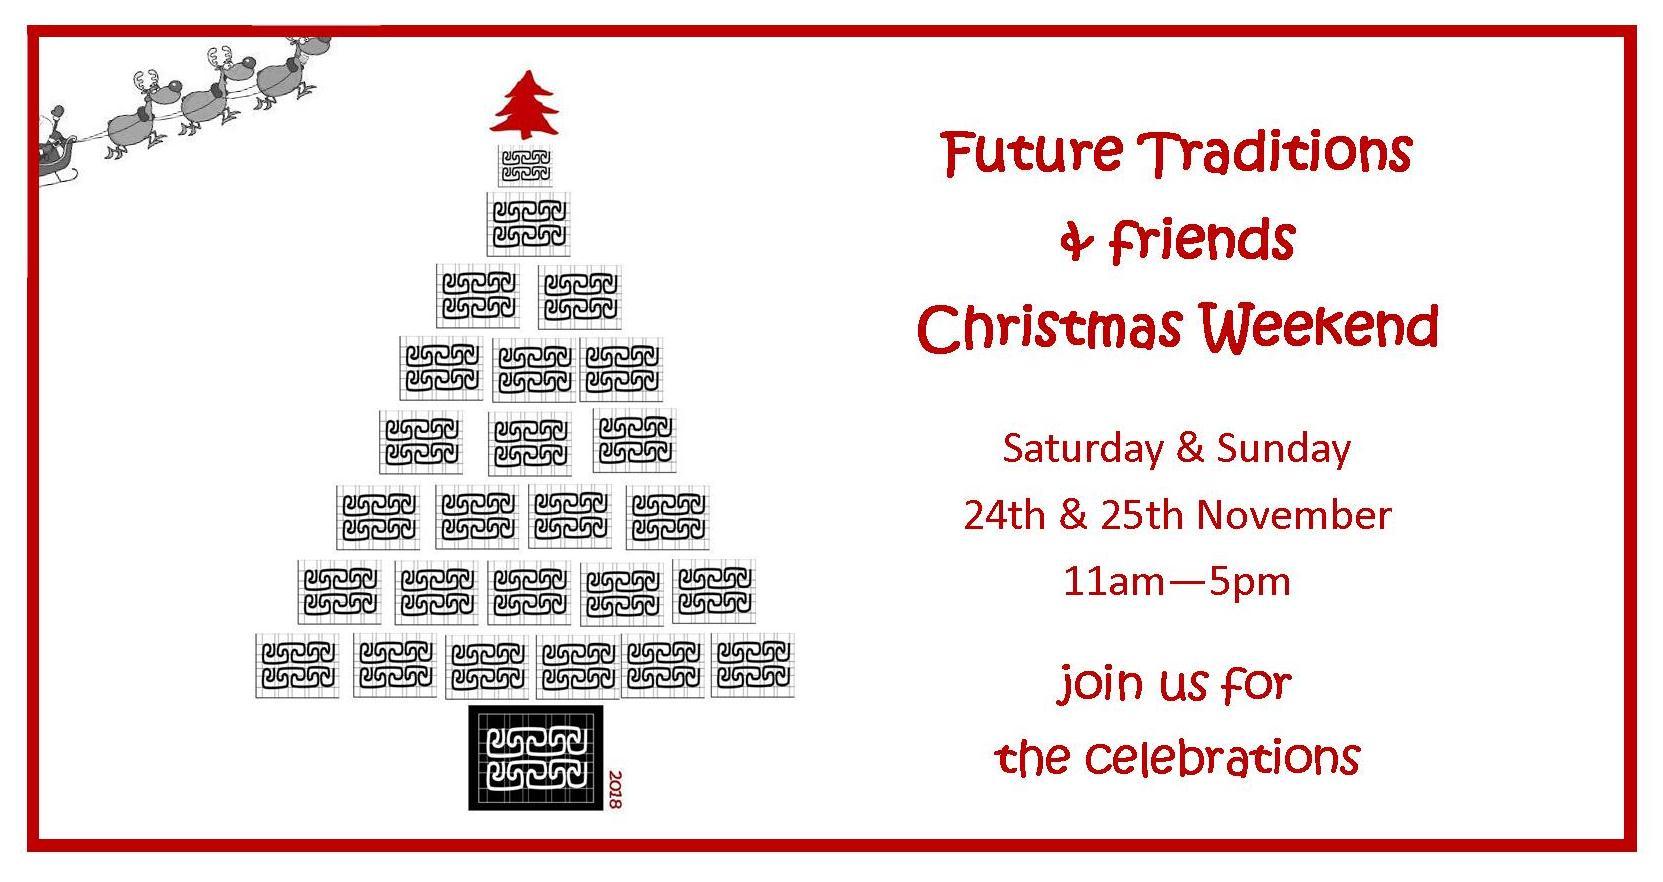 Christmas weekend invite